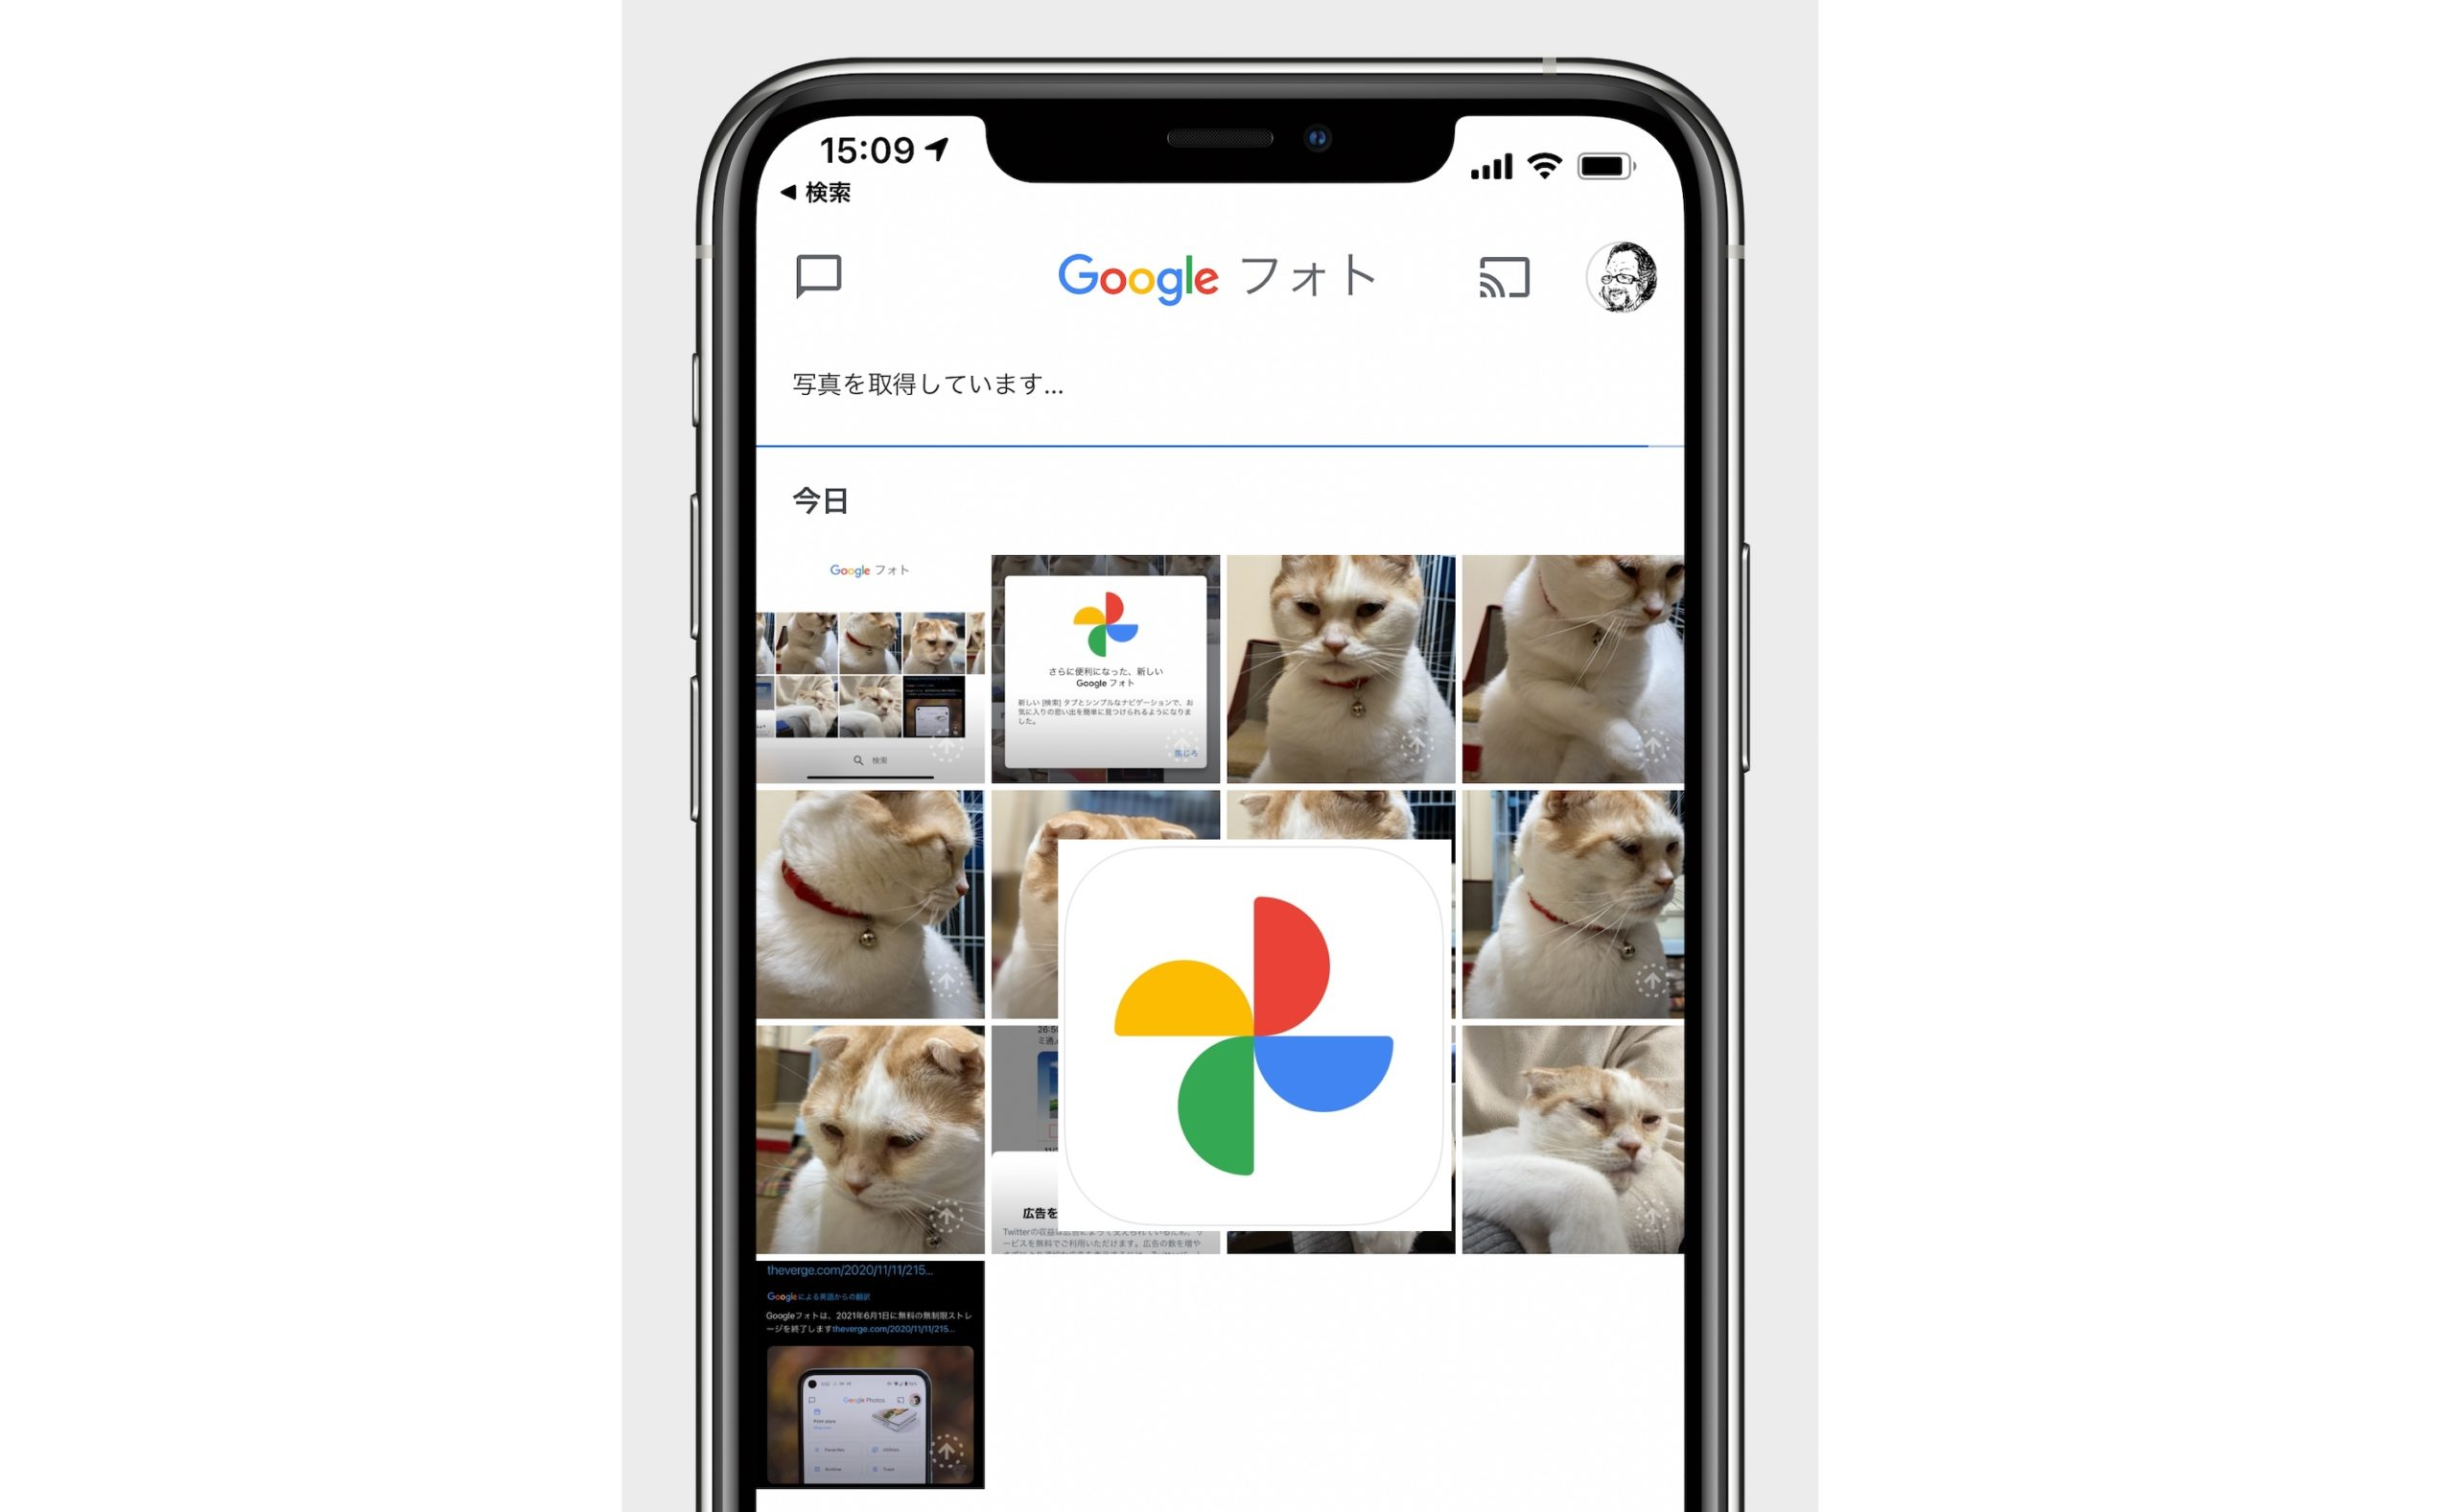 GoogleフォトをiCloudフォトにエクスポートする方法